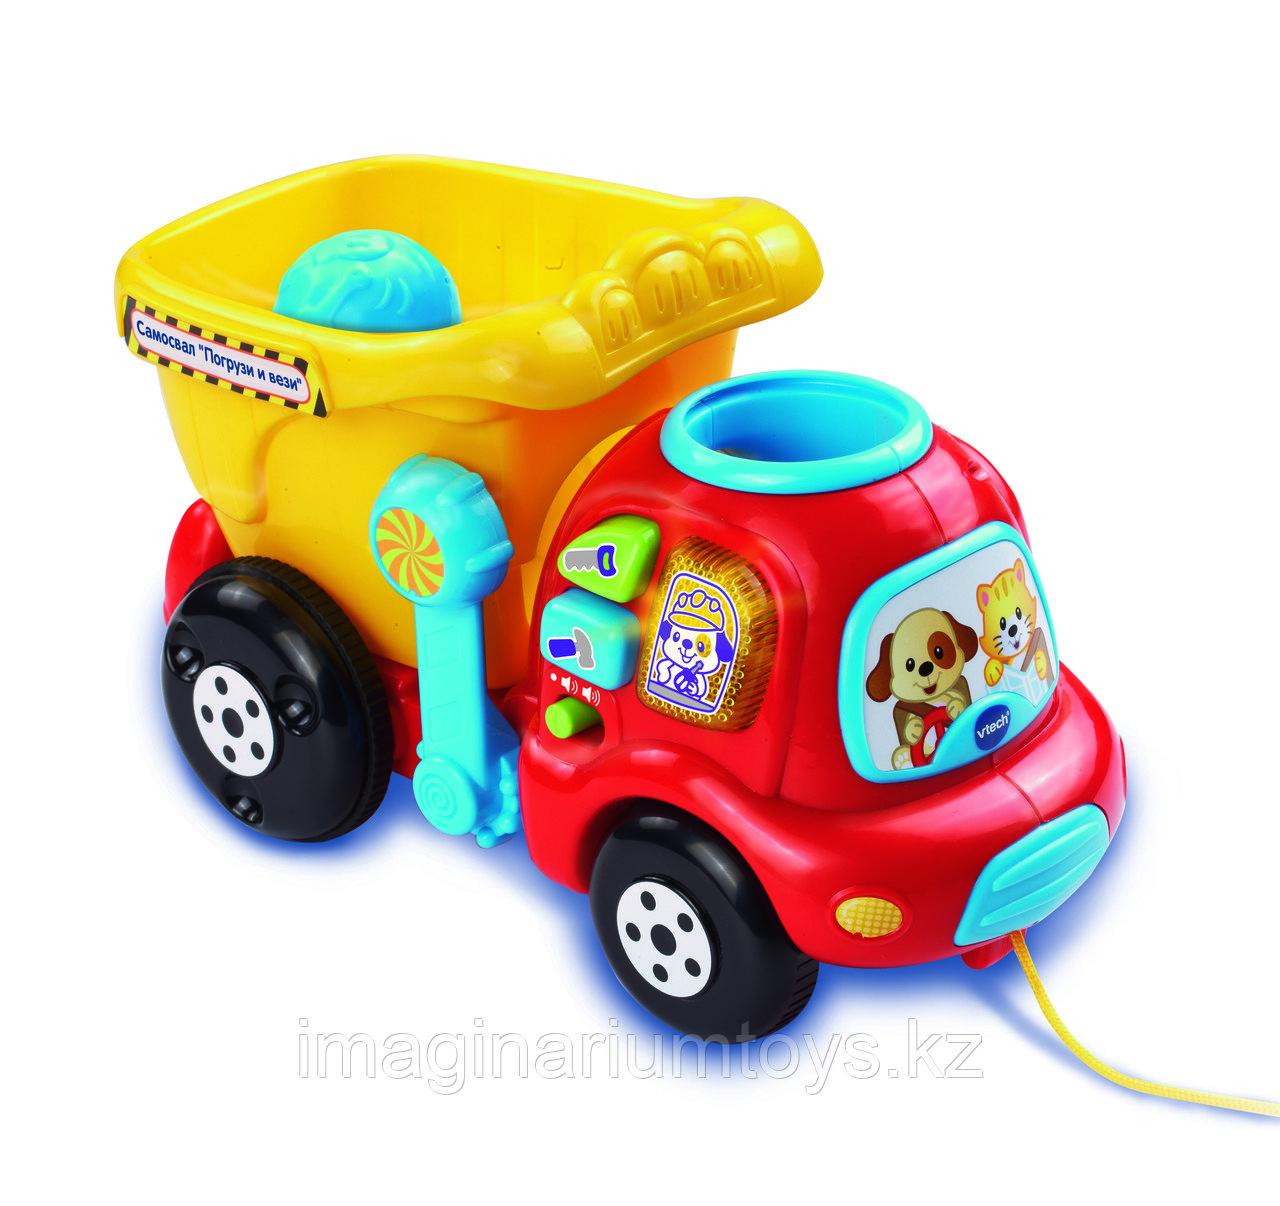 «Самосвал» интерактивная развивающая игрушка для детей VTech